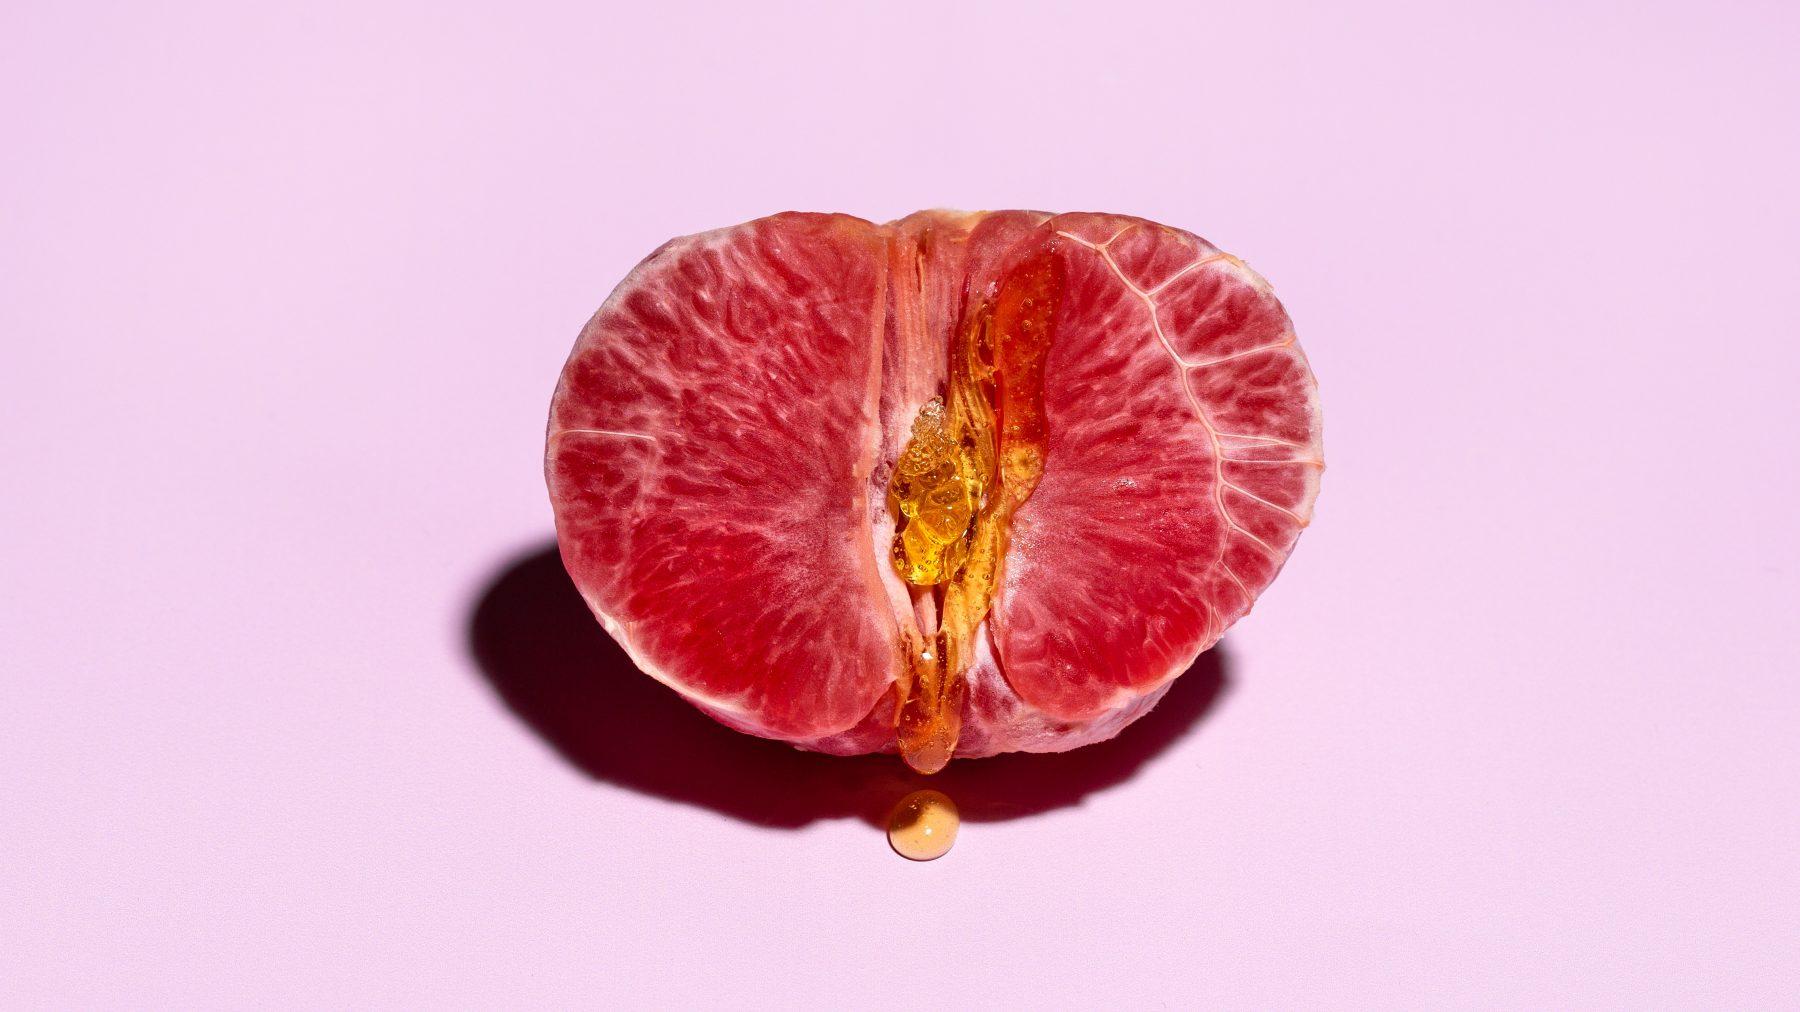 Van vulva tot vagina en labia majoris: we leggen nog één keer uit wat precies wat is daar beneden